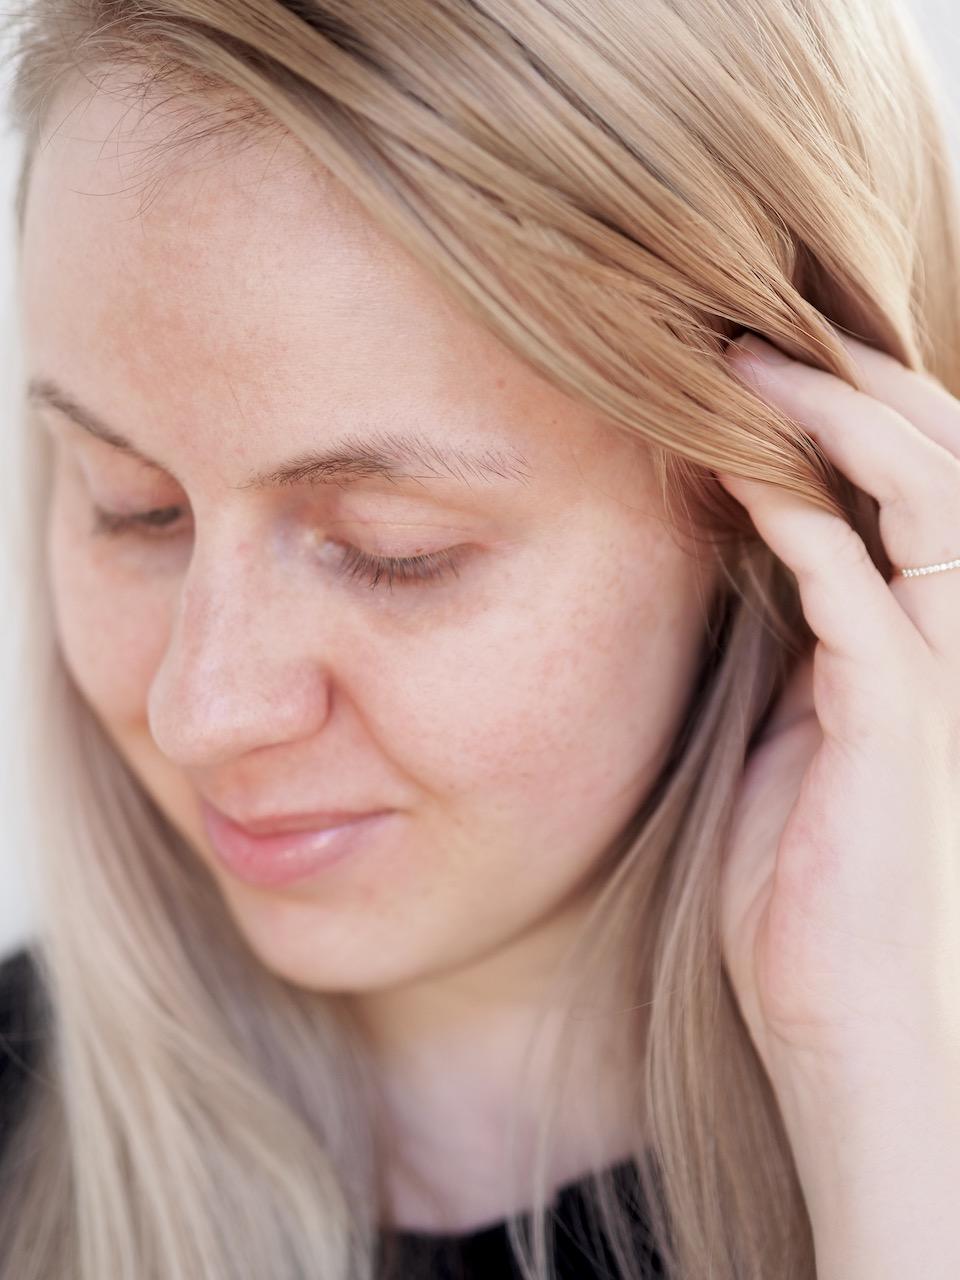 seborrooinen ekseema päänahassa kokemuksia